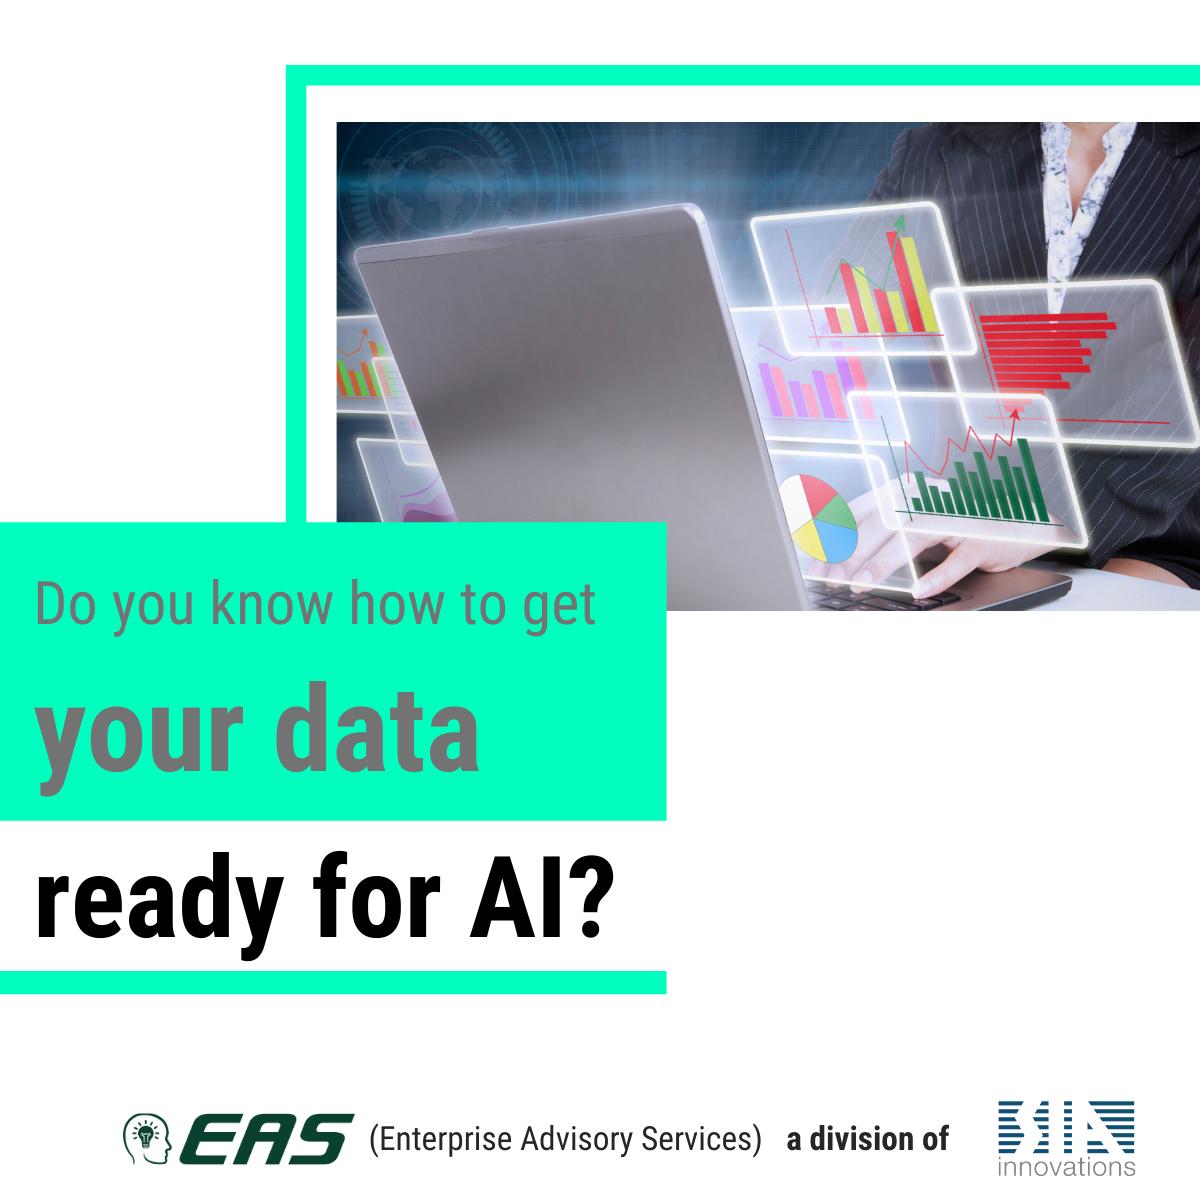 Operationalize AI